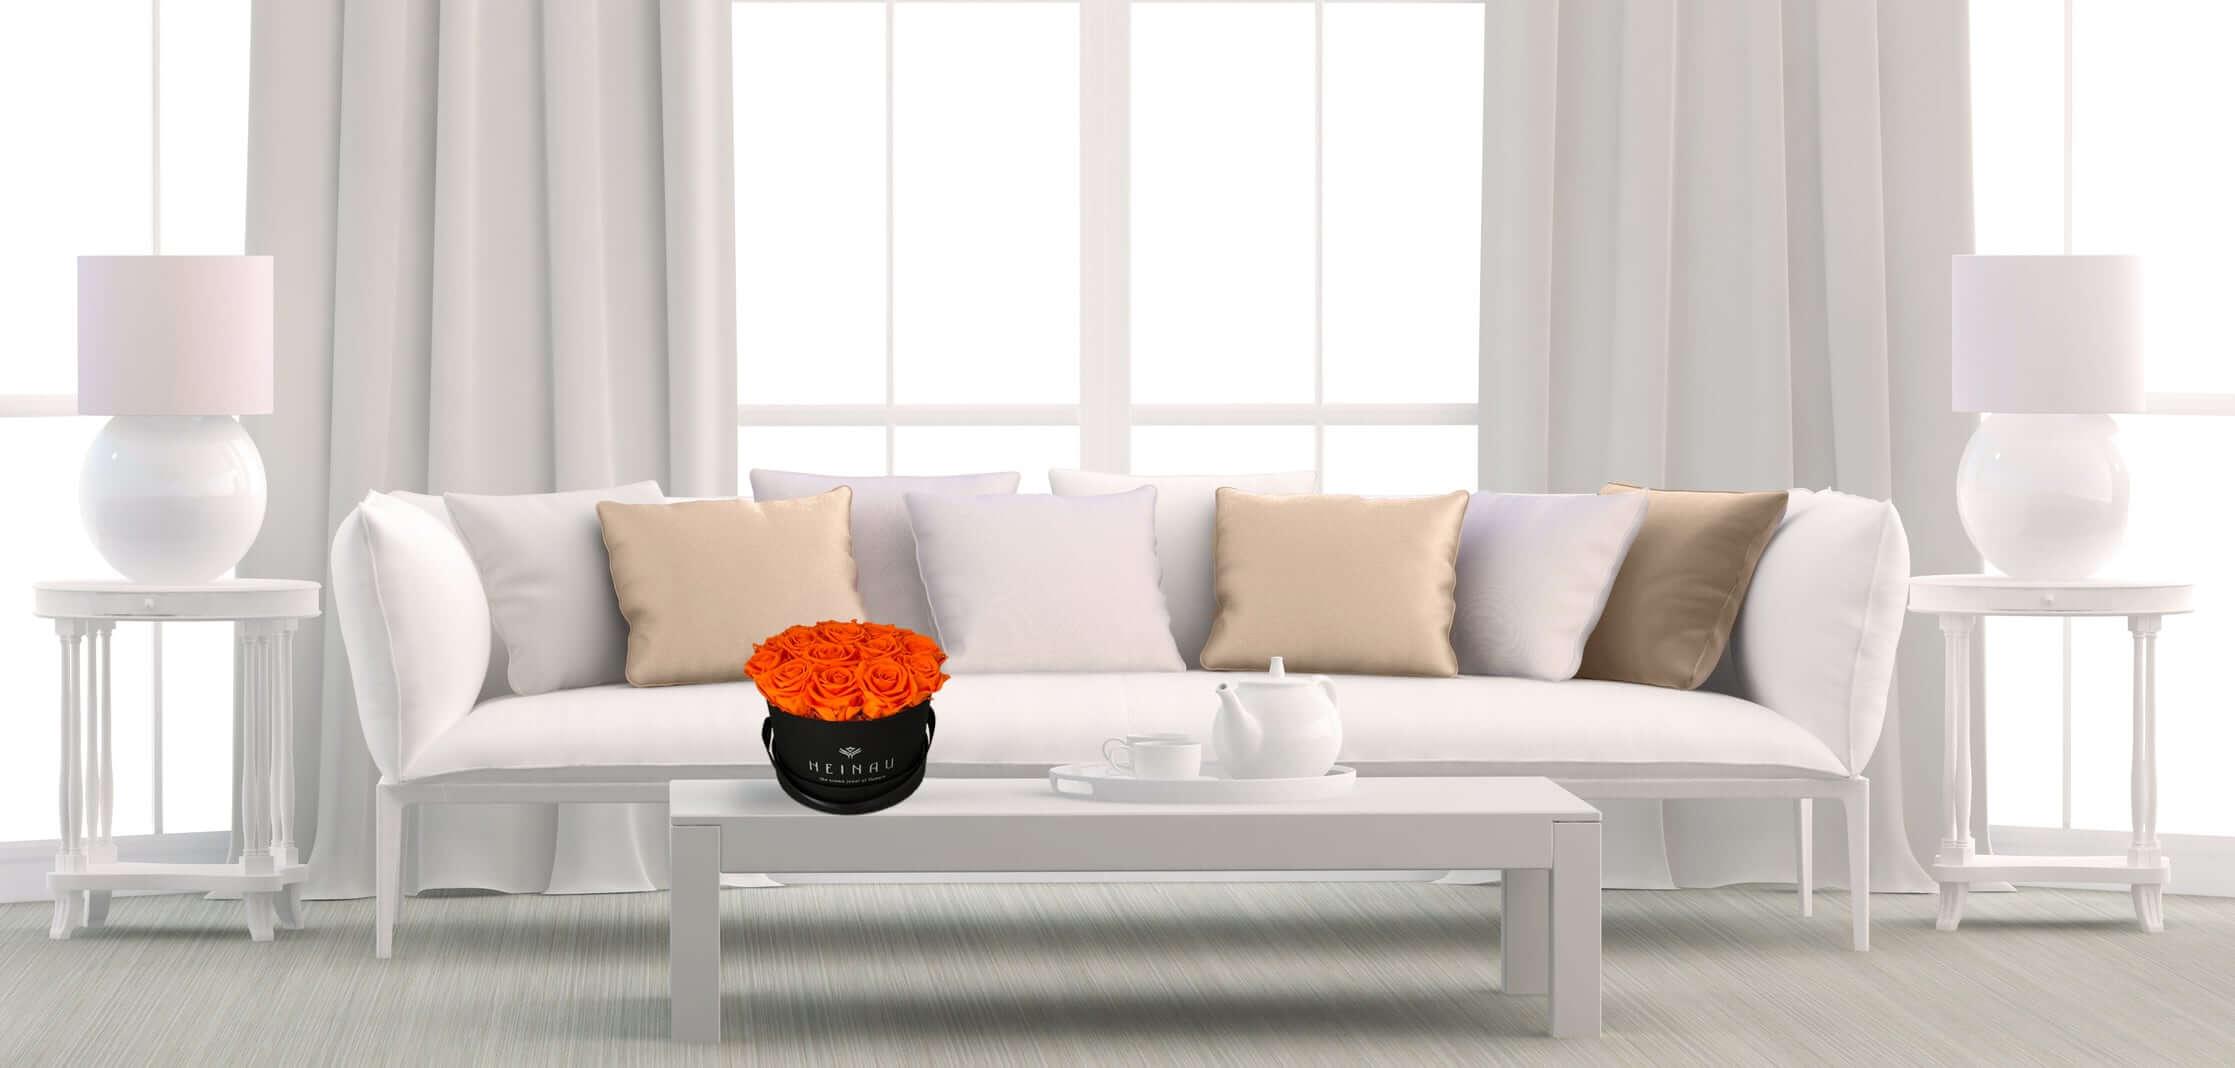 Orange Roses Meaning - Arrangement Interior